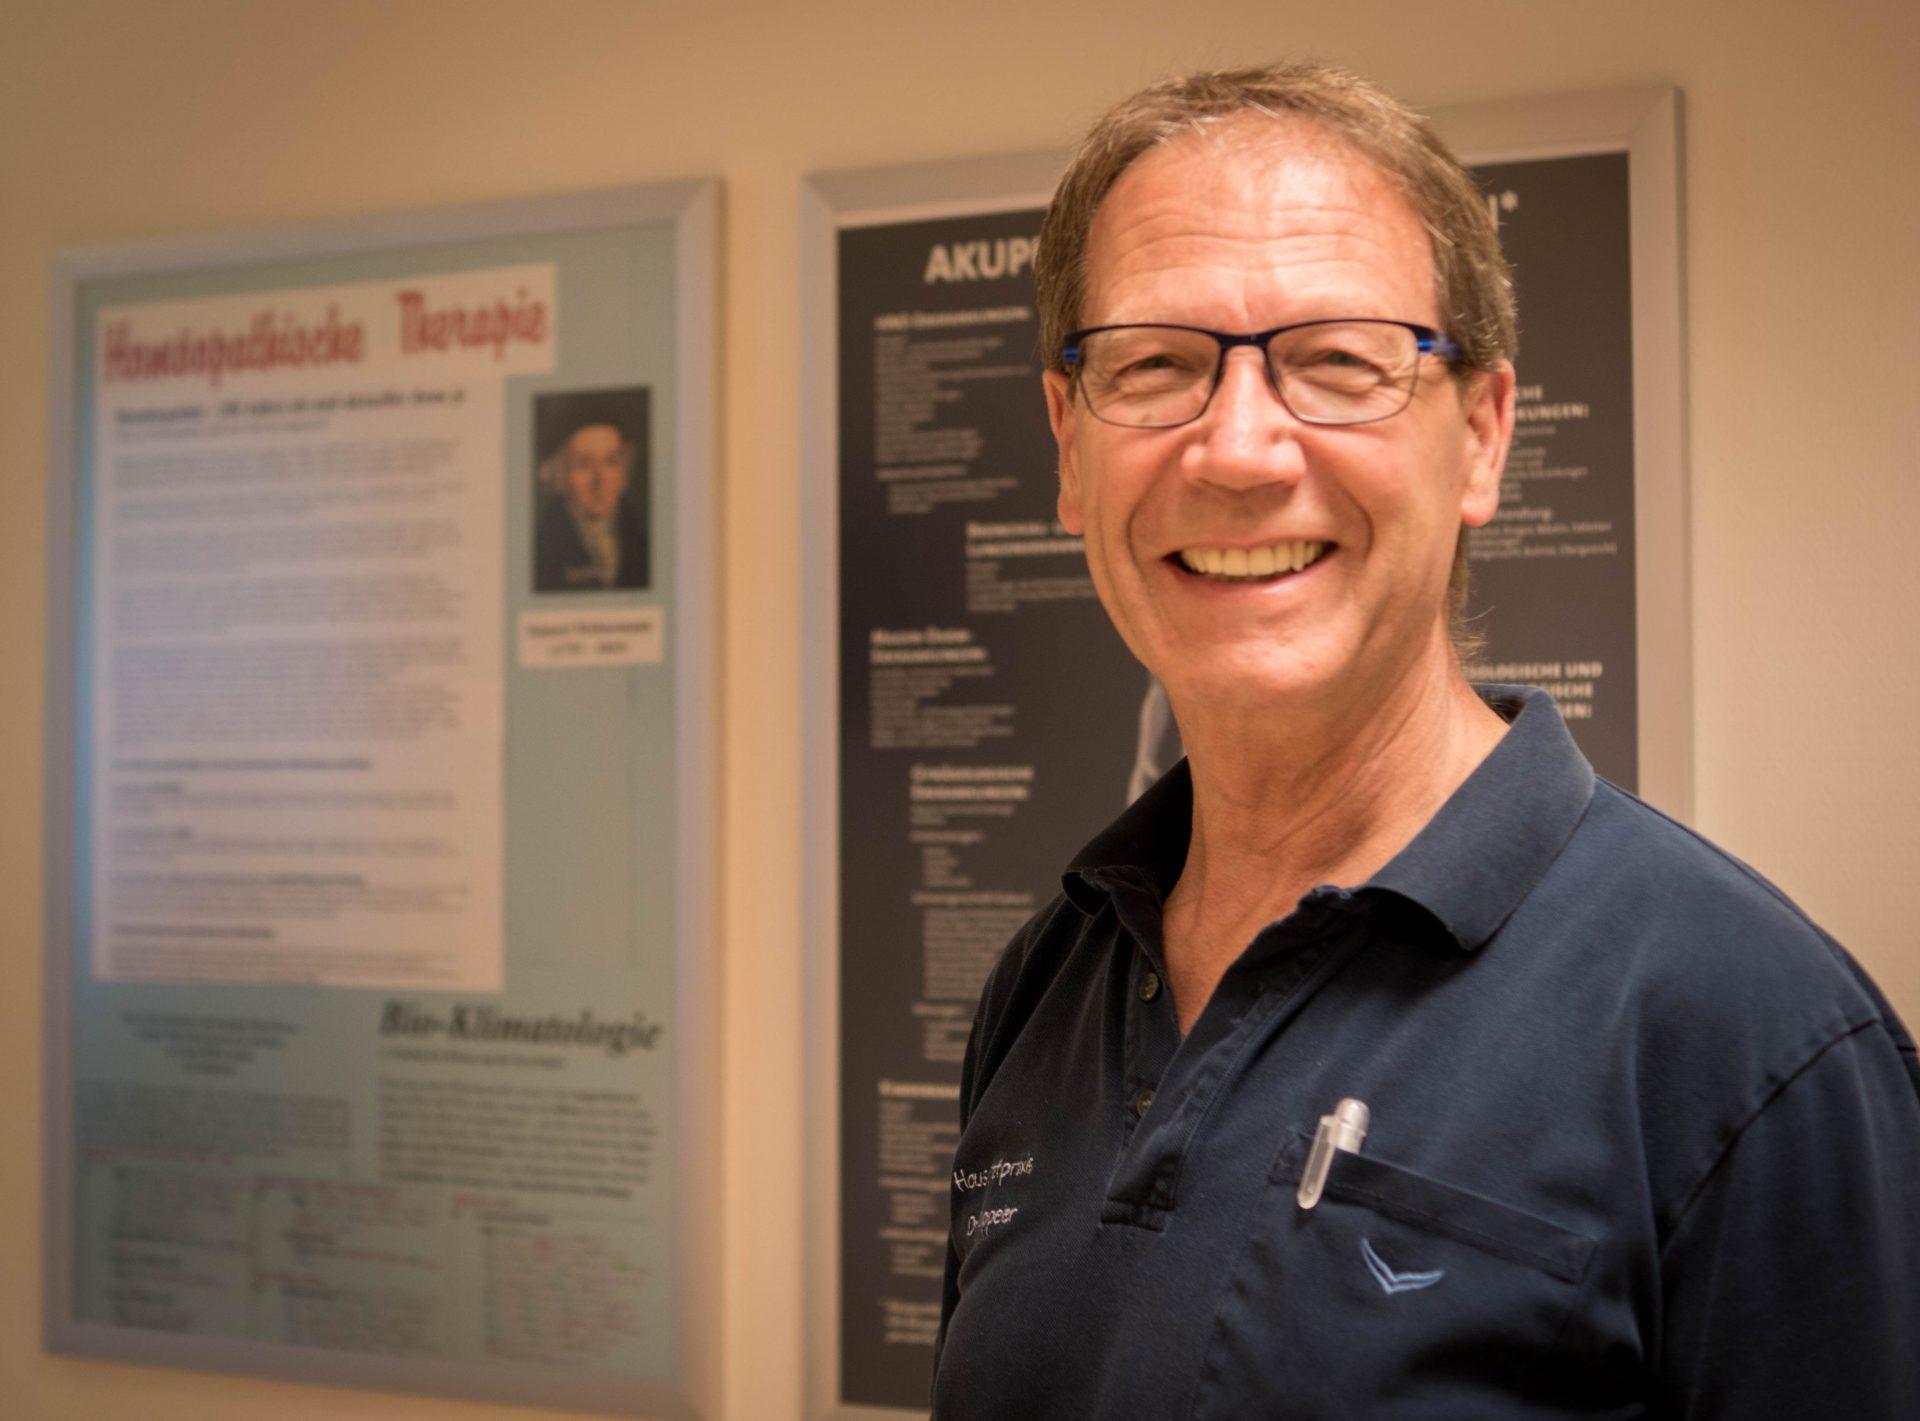 Dr. med. Gerhard Kappeler Seniorchef im Ruhestand